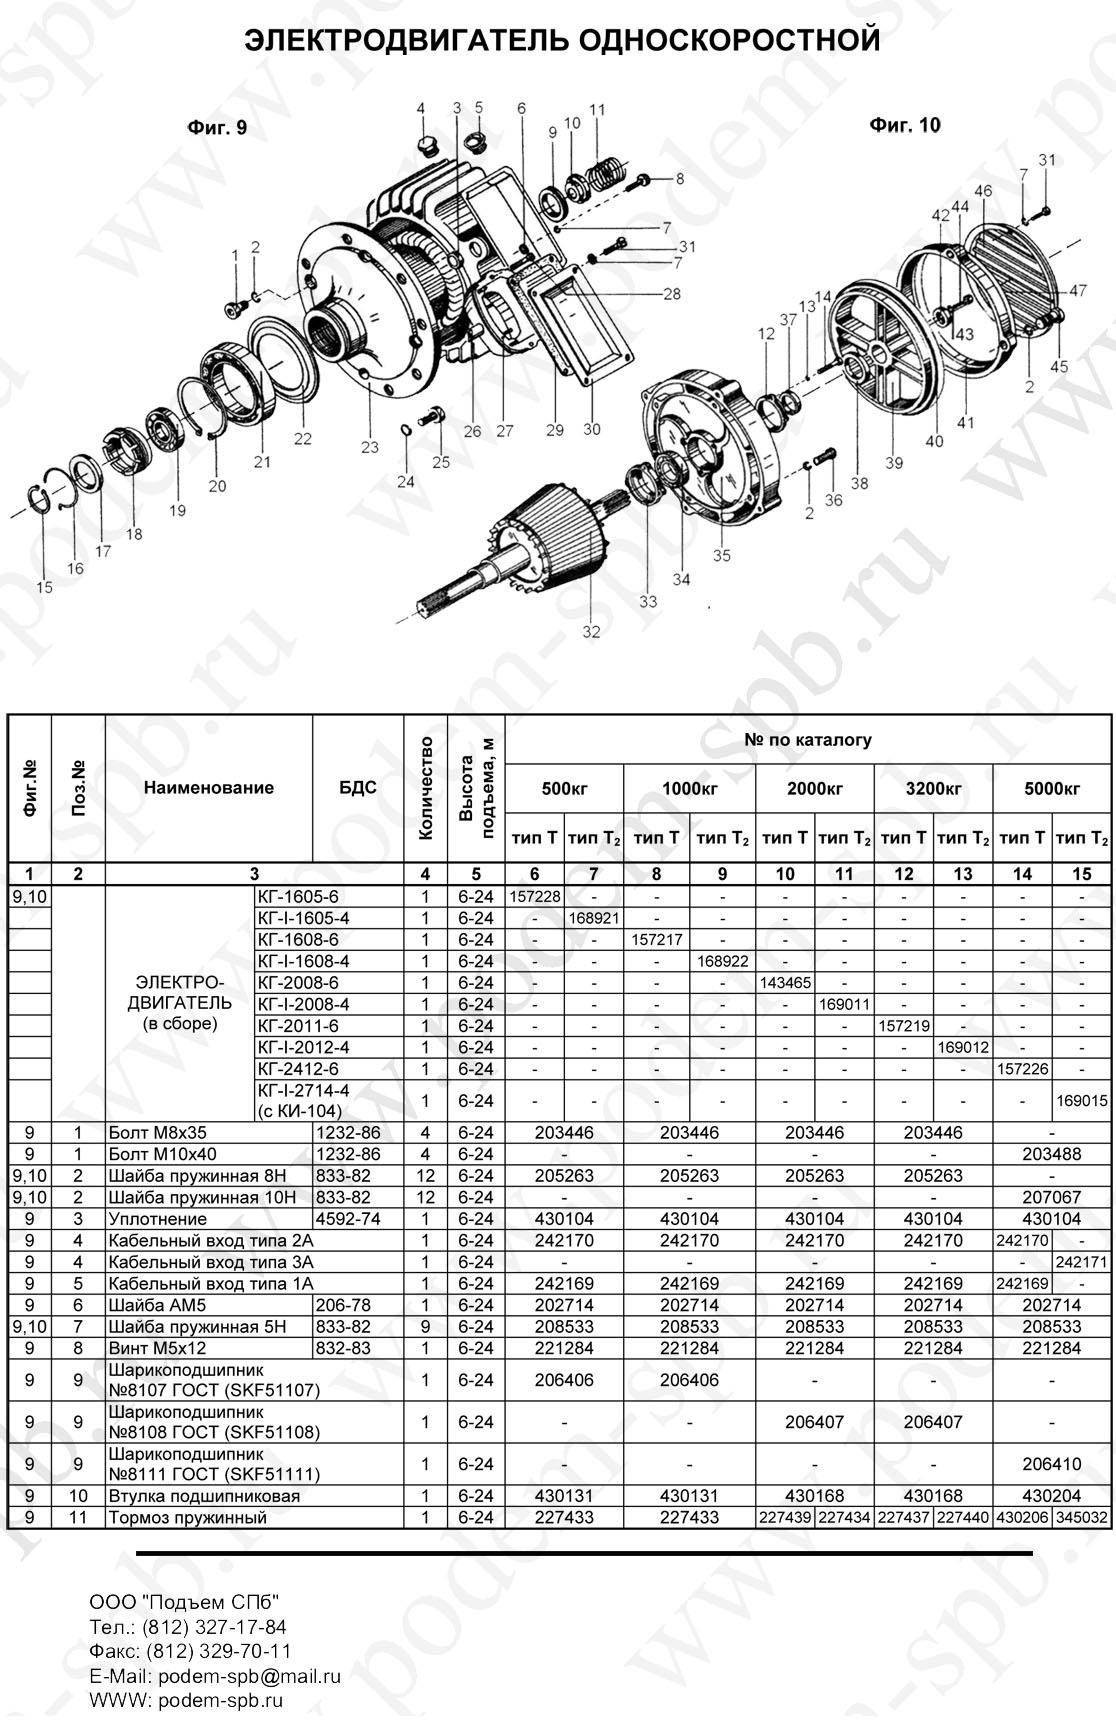 Клеммная коробка двигателя подъема и передвижения